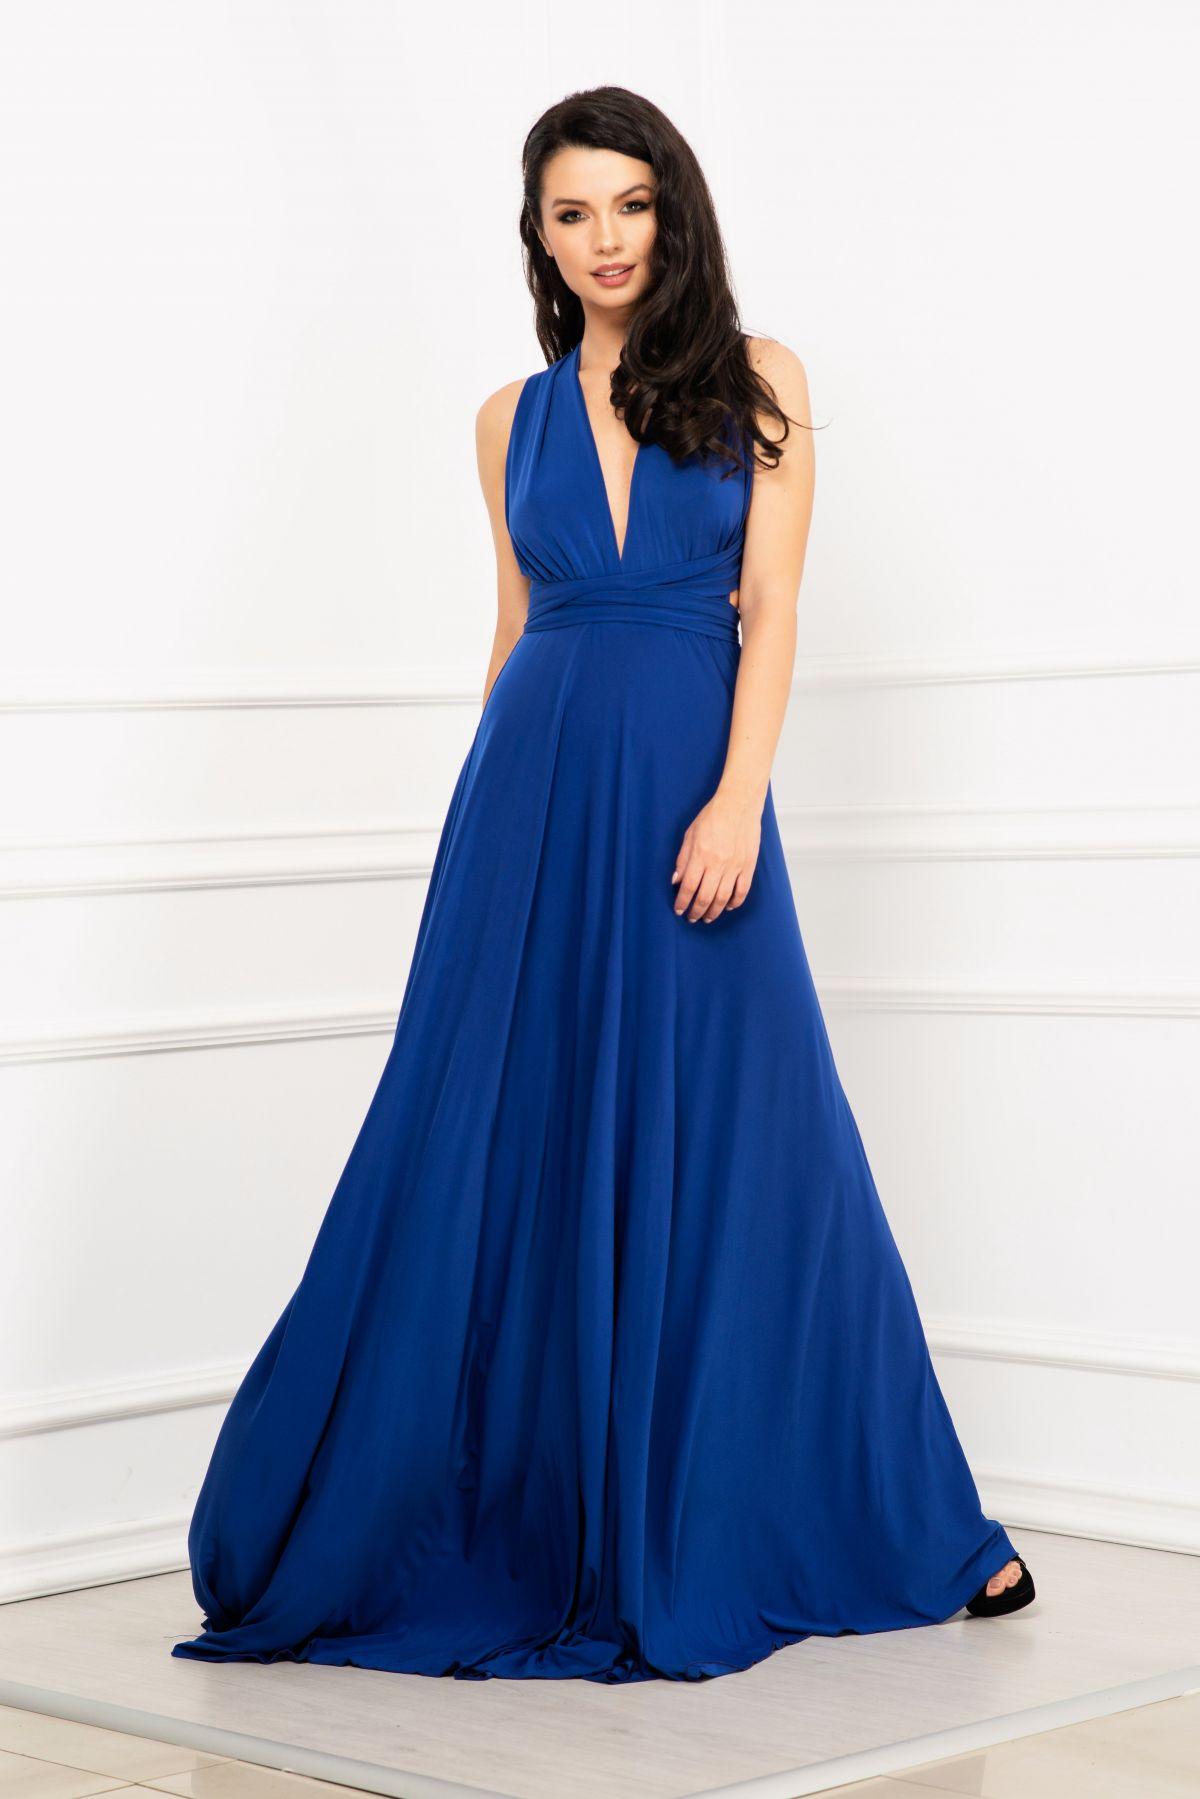 Rochie versatila albastra de domnisoara de onoare